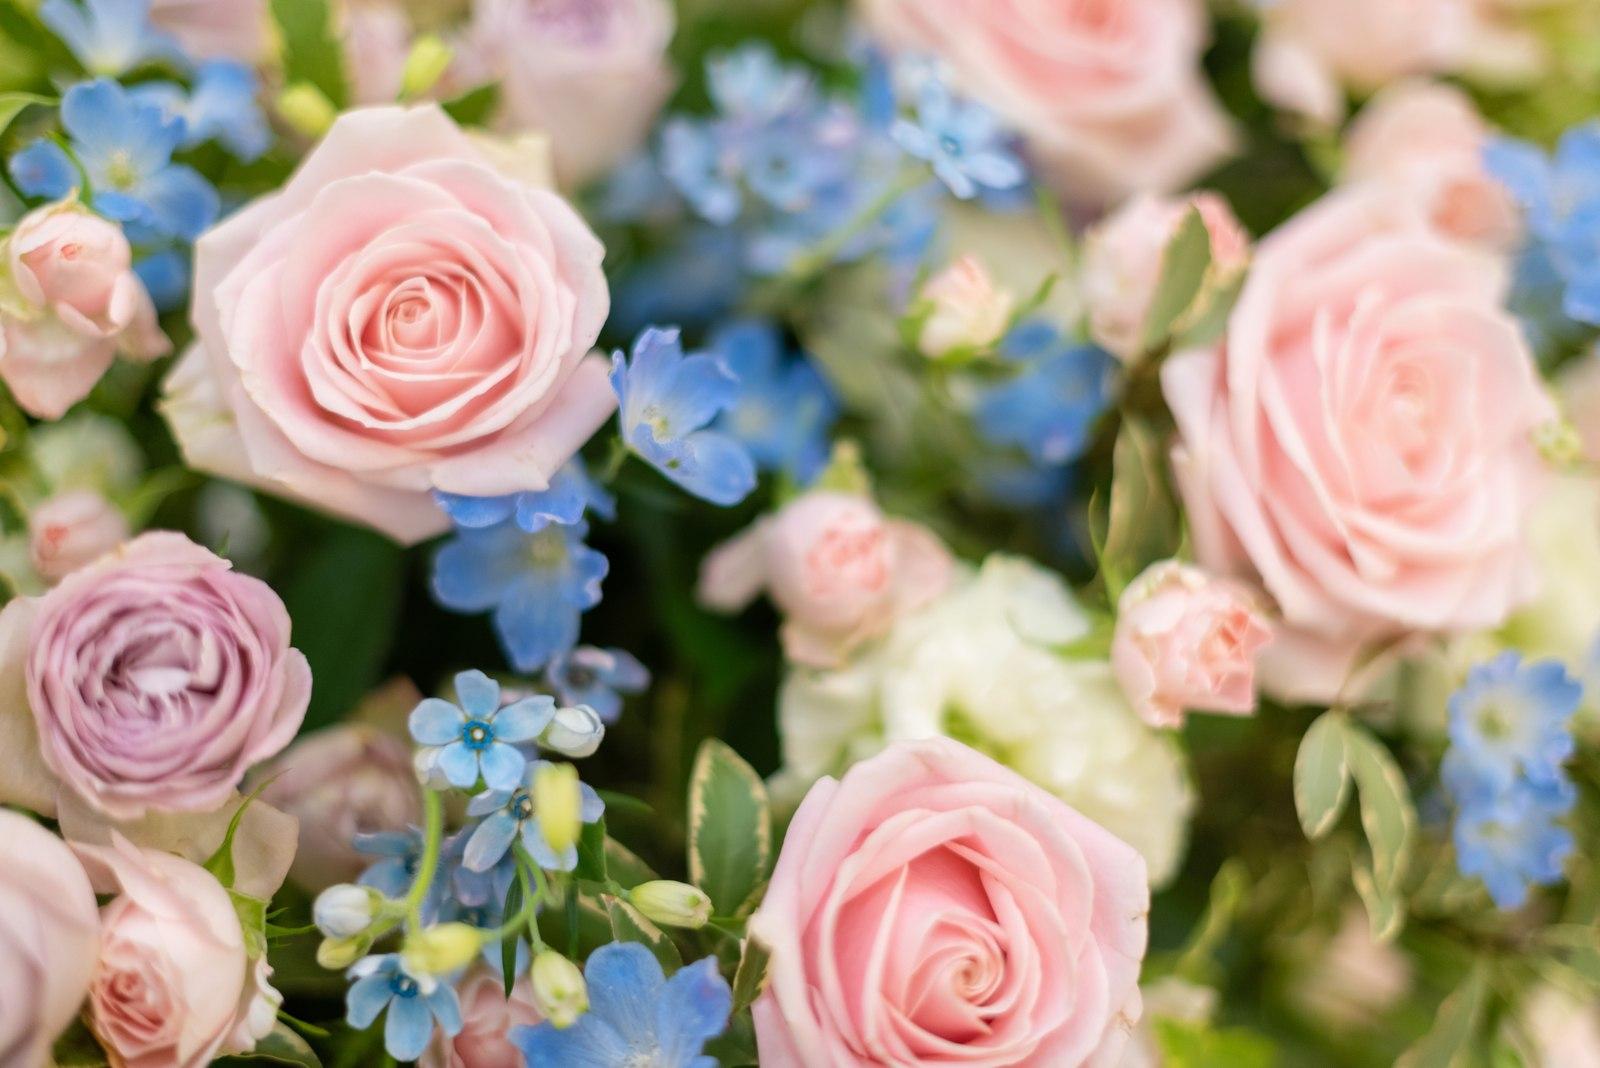 香川の結婚式場シェルエメール&アイスタイル 会場装花